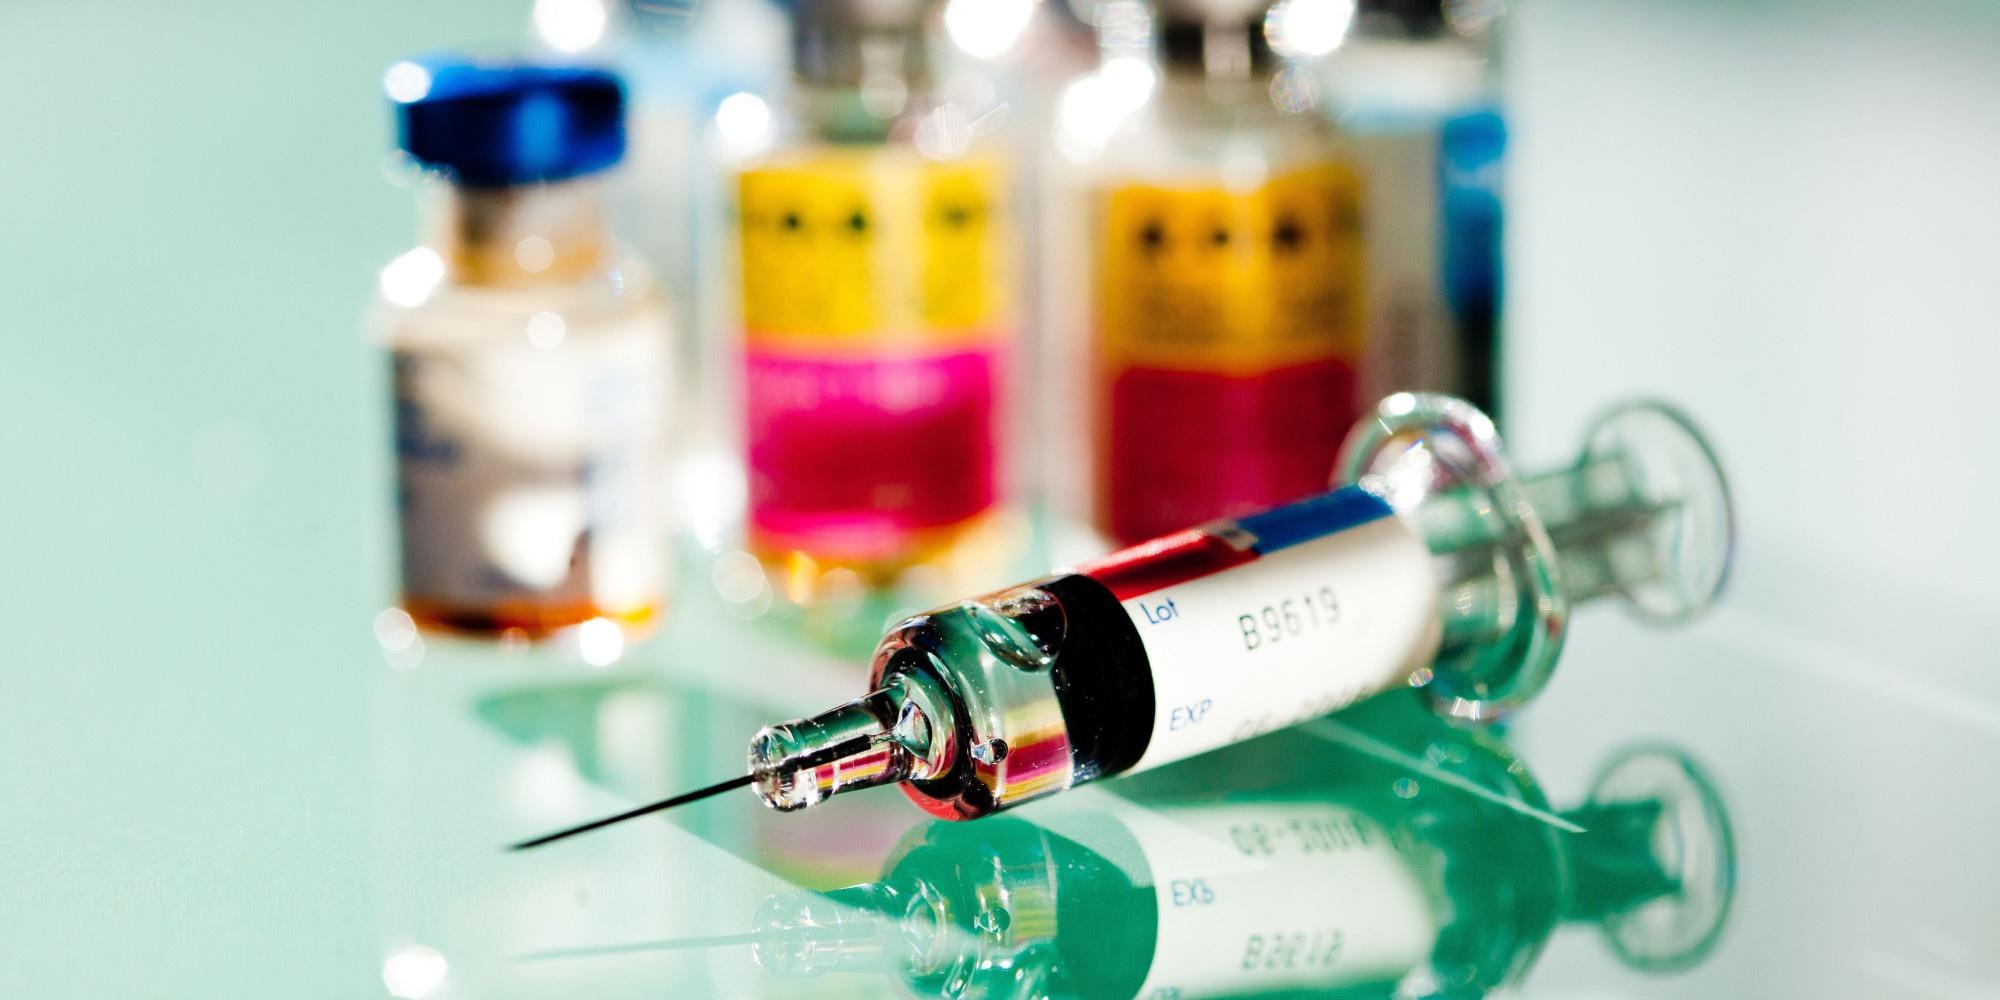 Vaccini, nuovi tagli alle consegne da AstraZeneca